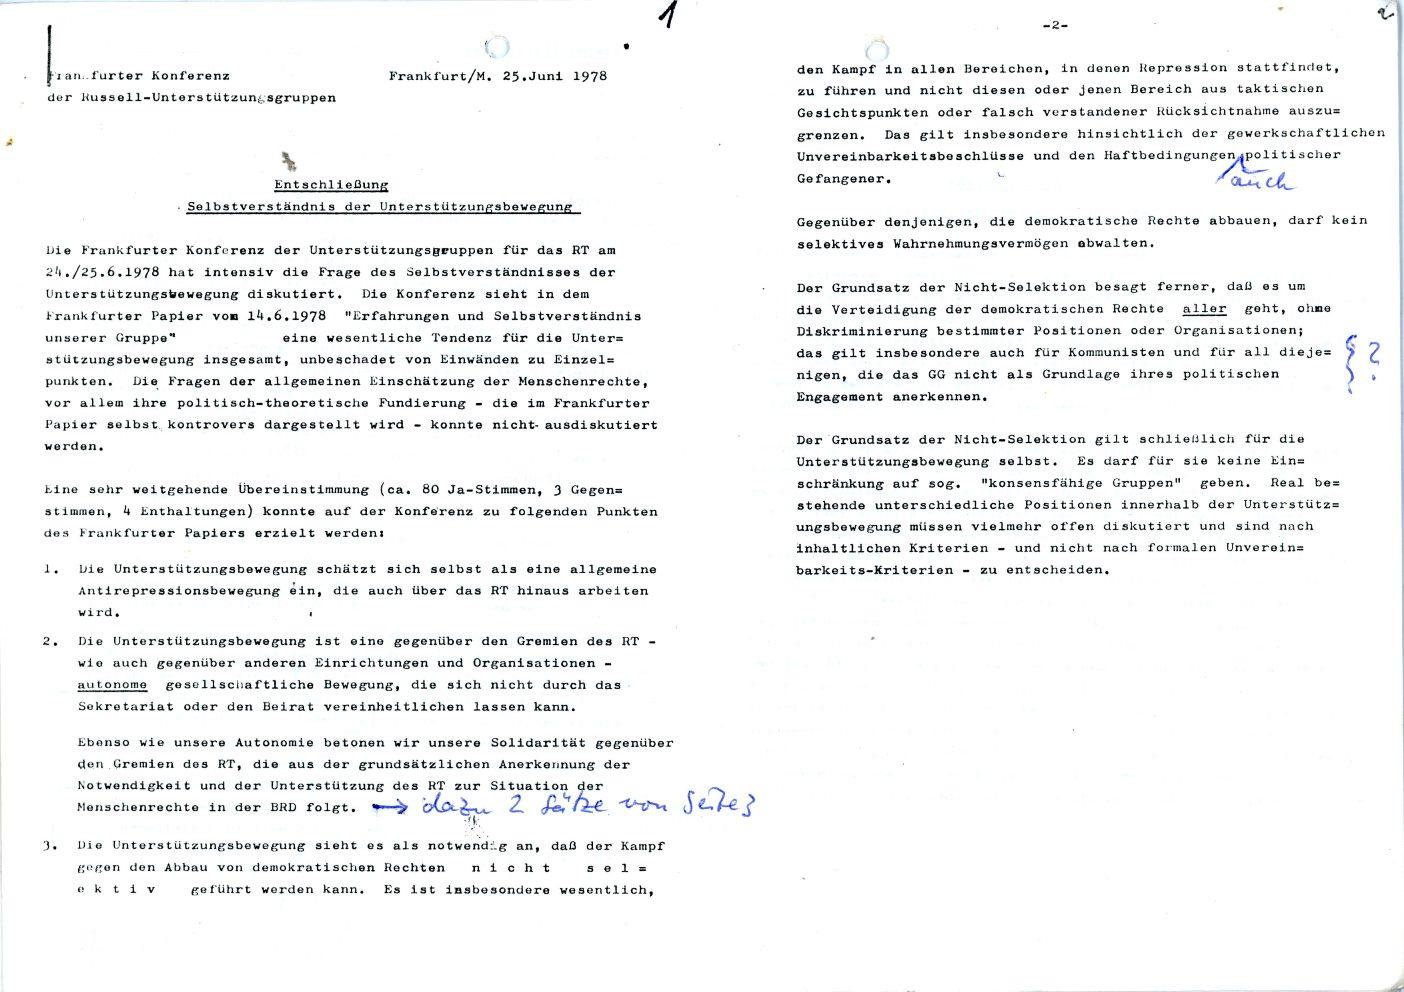 Frankfurt_Konferenz_der_Russell_Unterstuetzungsgruppen_19780624_15